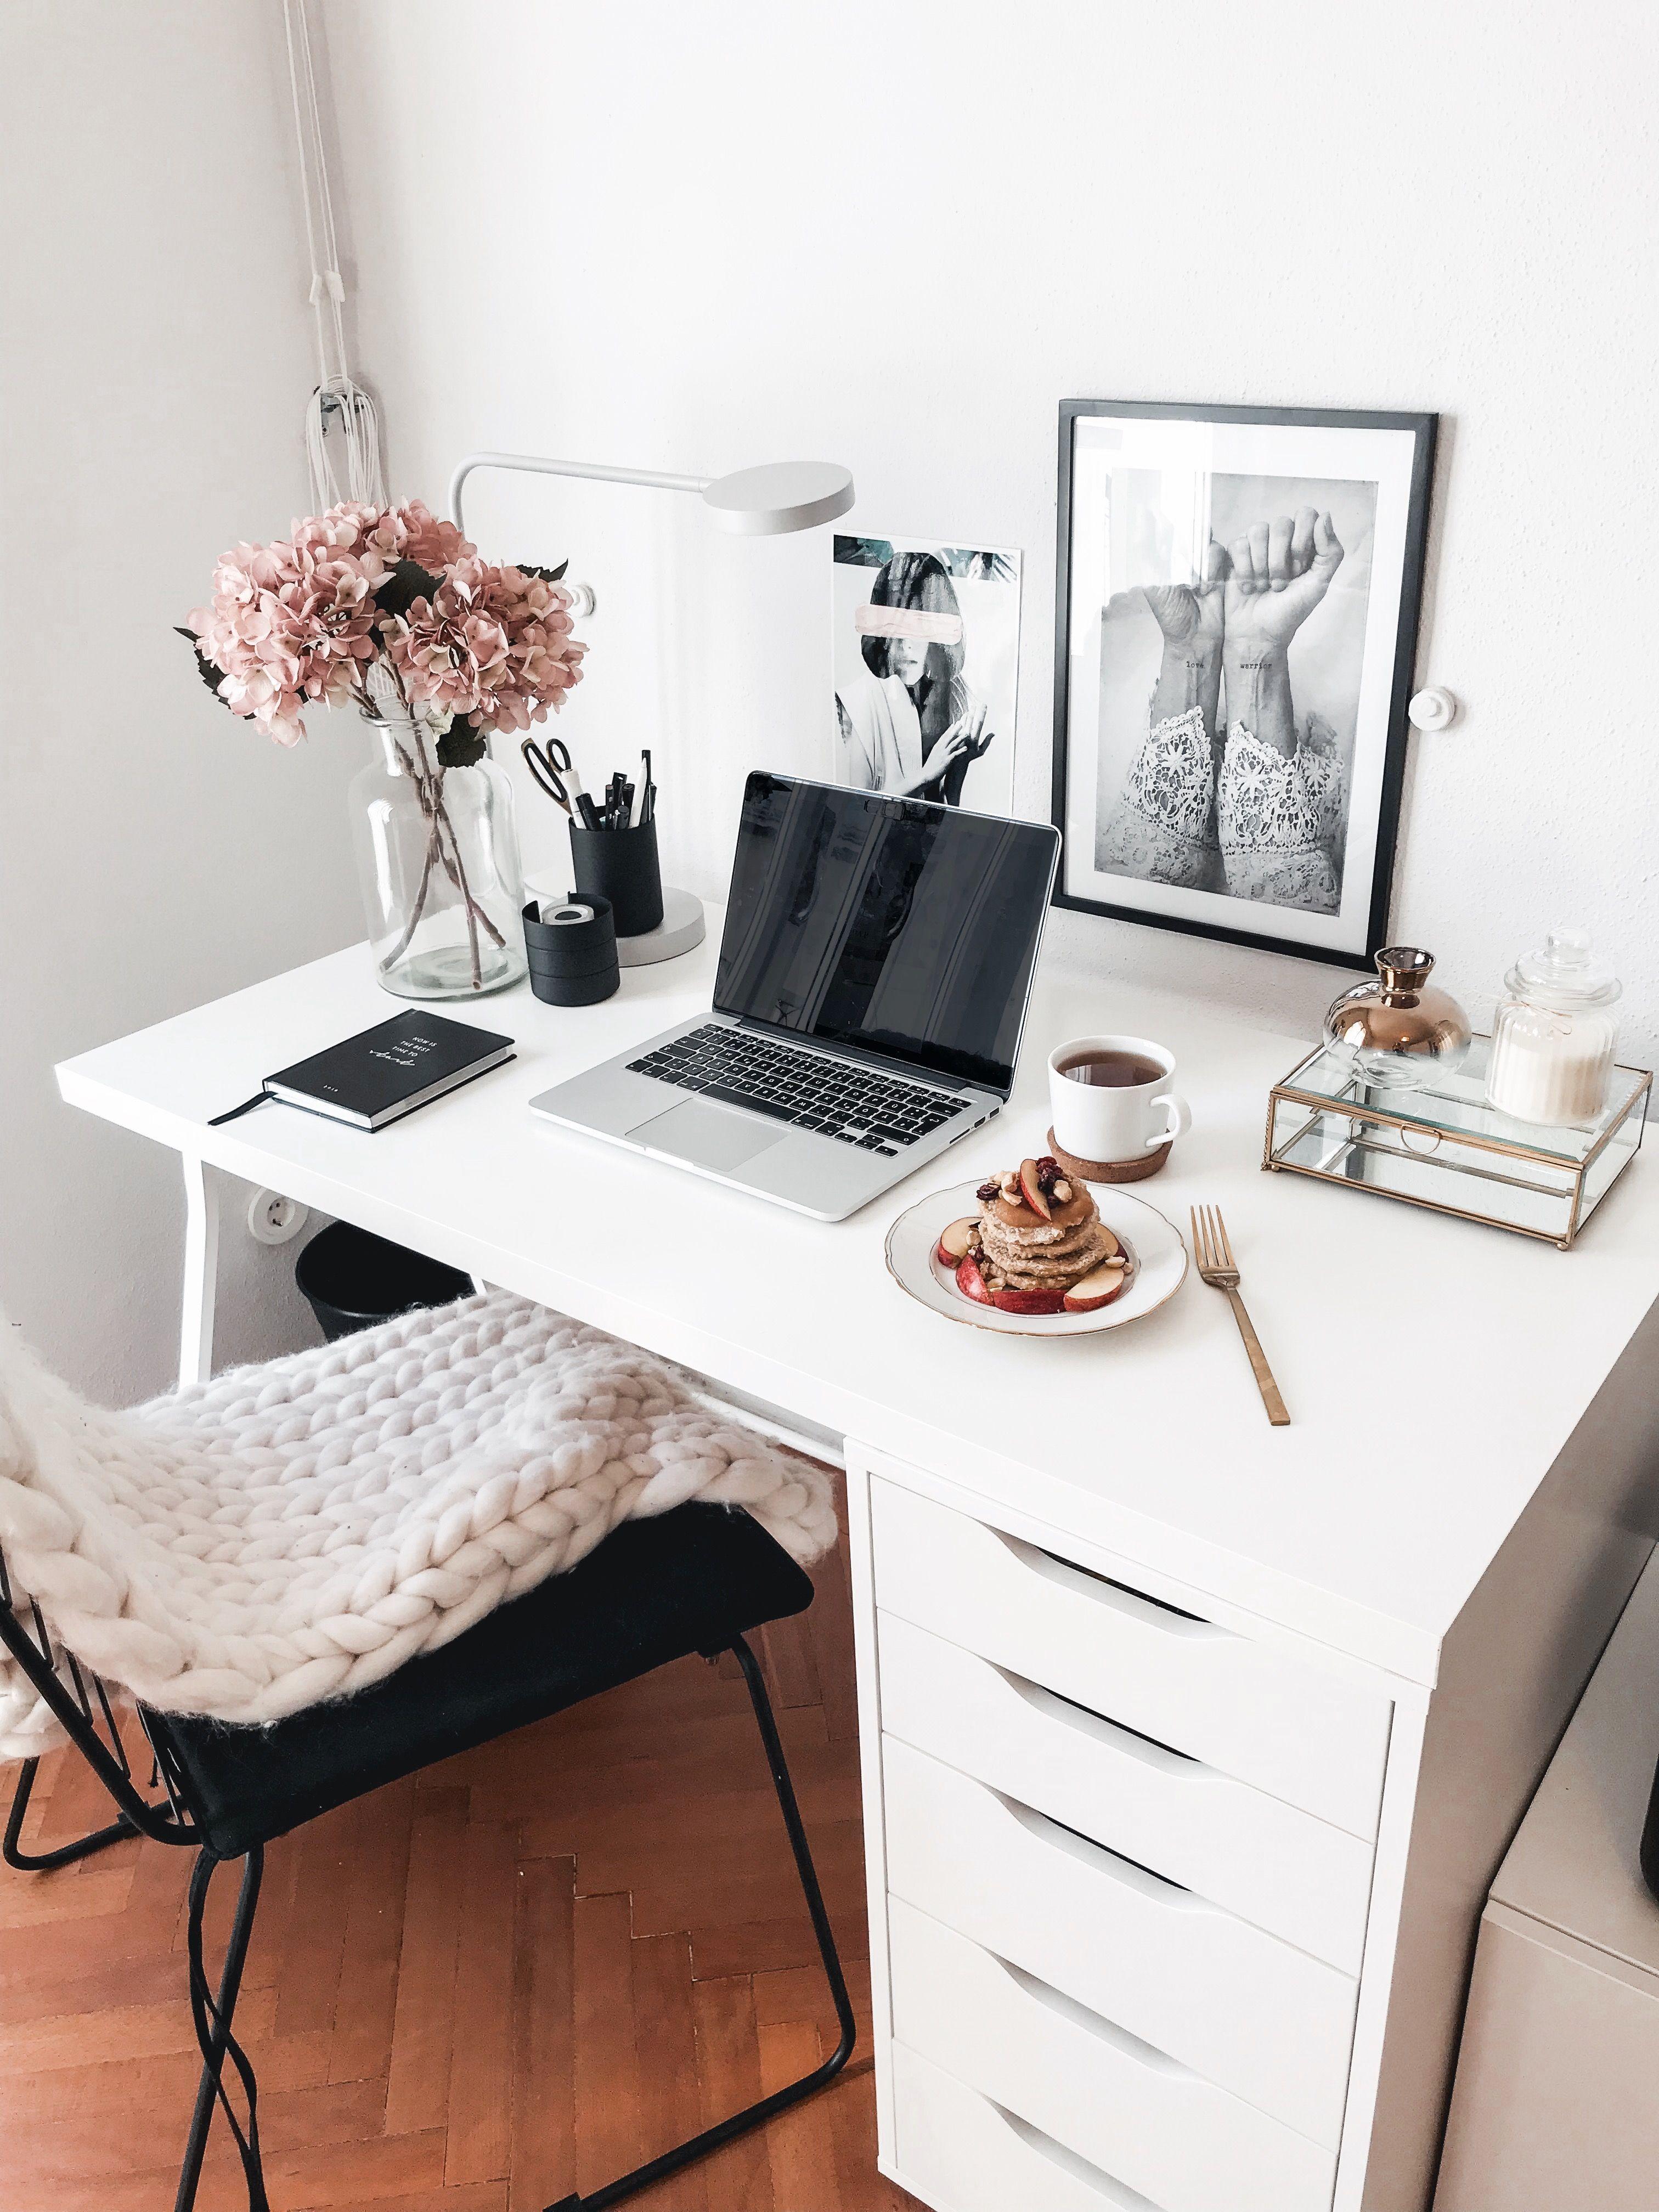 Home Office   theresacatira.com   Desk inspiration, Desk inspo ...